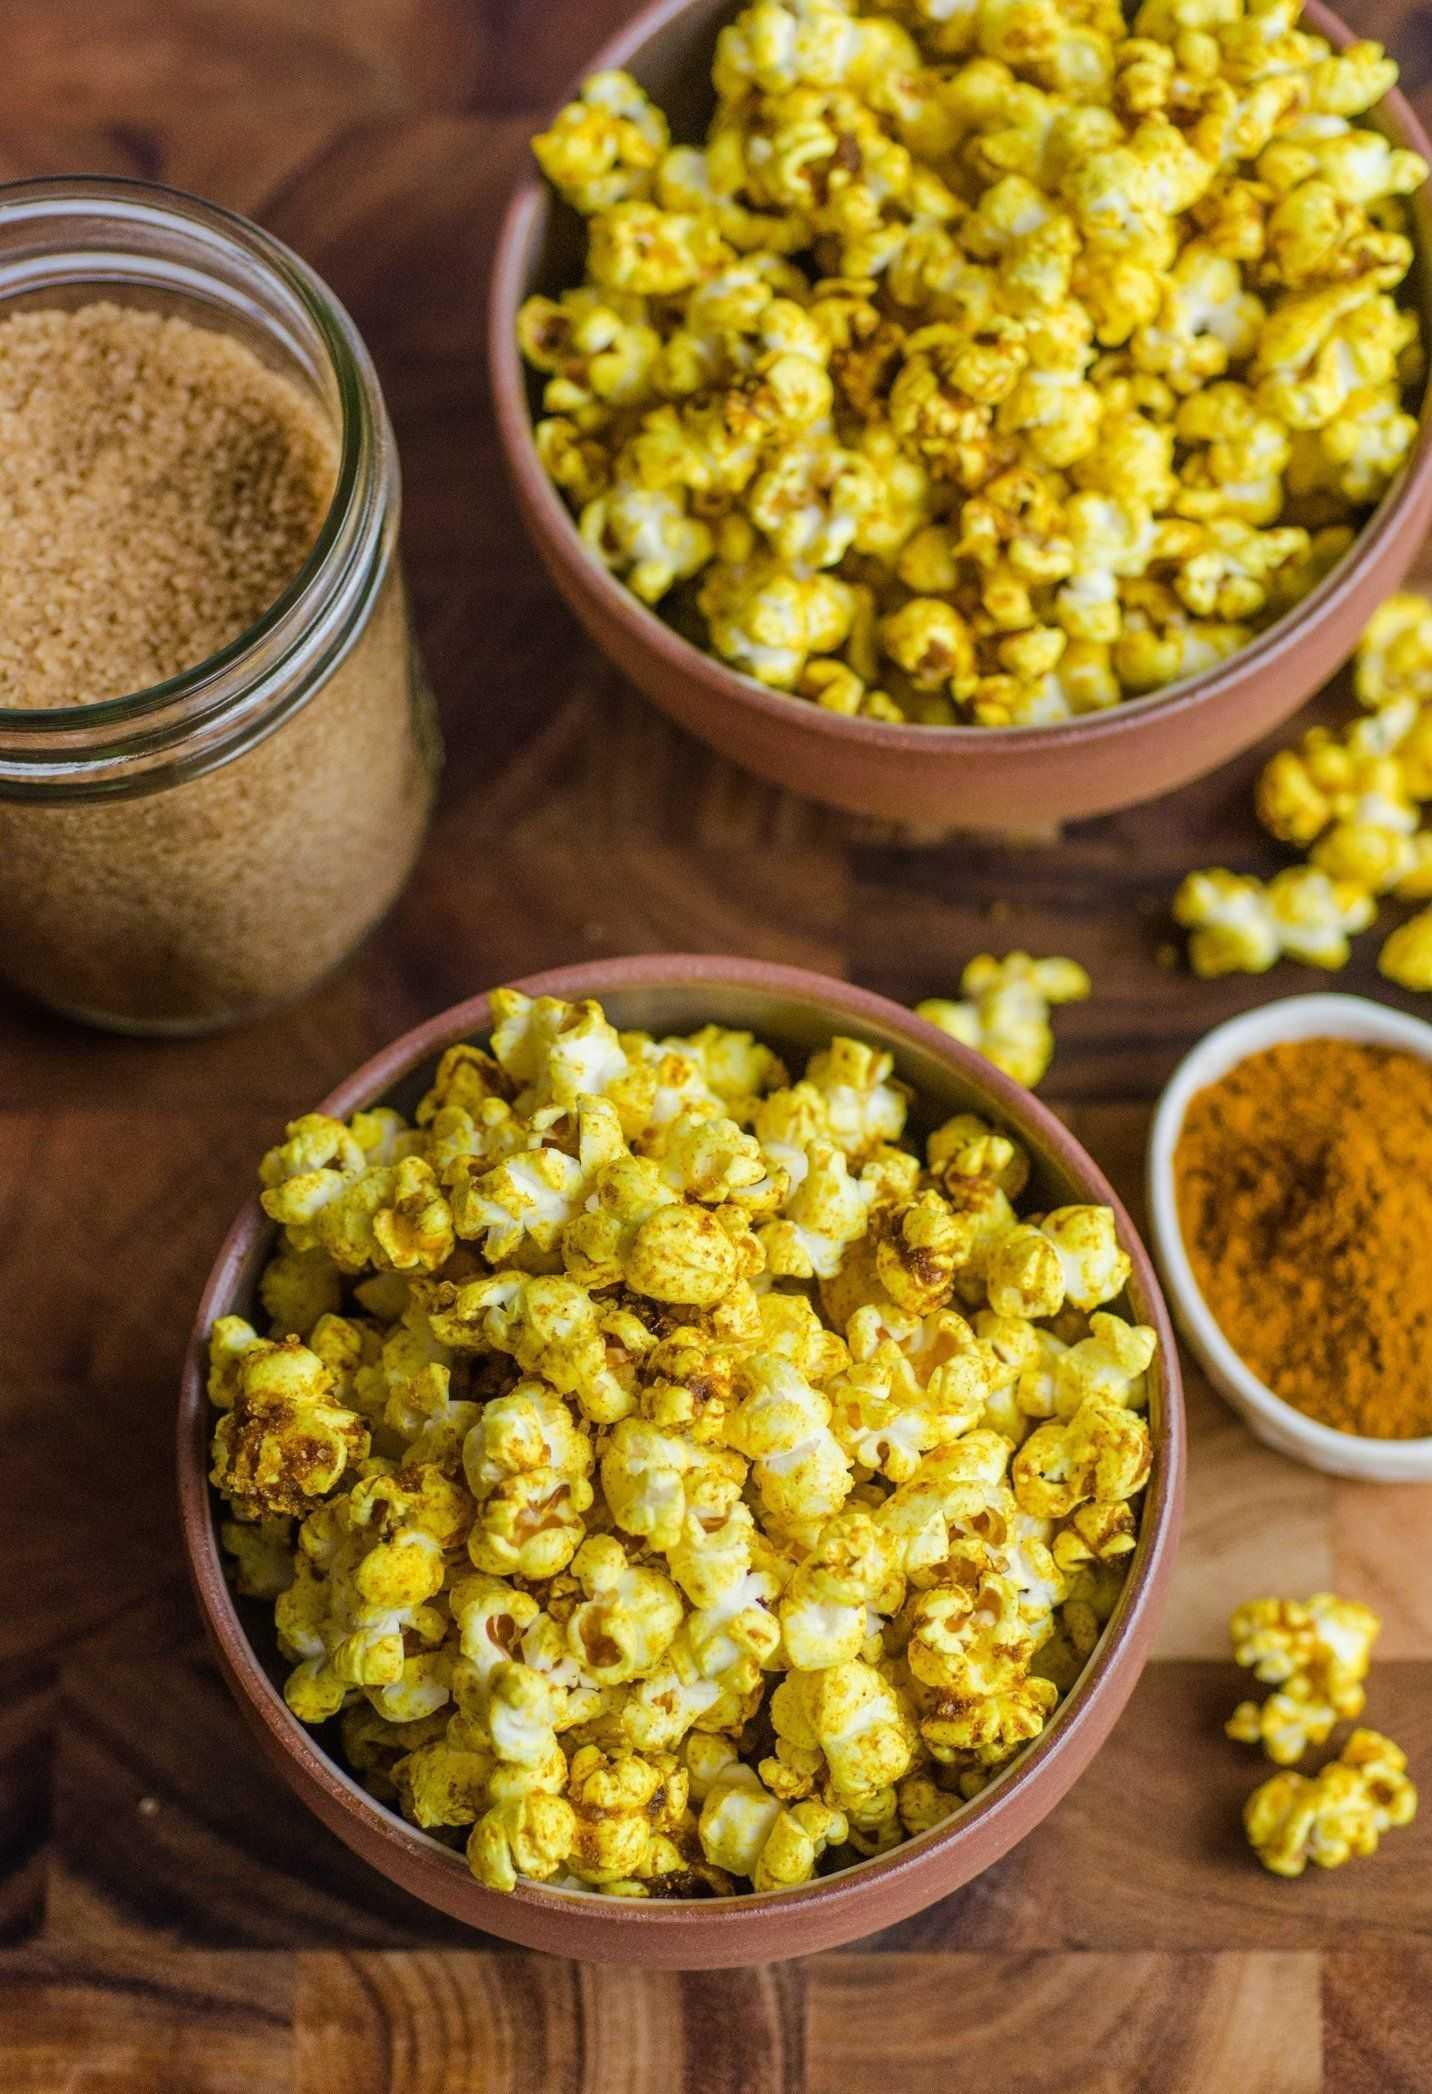 Пирожные из попкорна с миндалем - пошаговый рецепт приготовления с фото